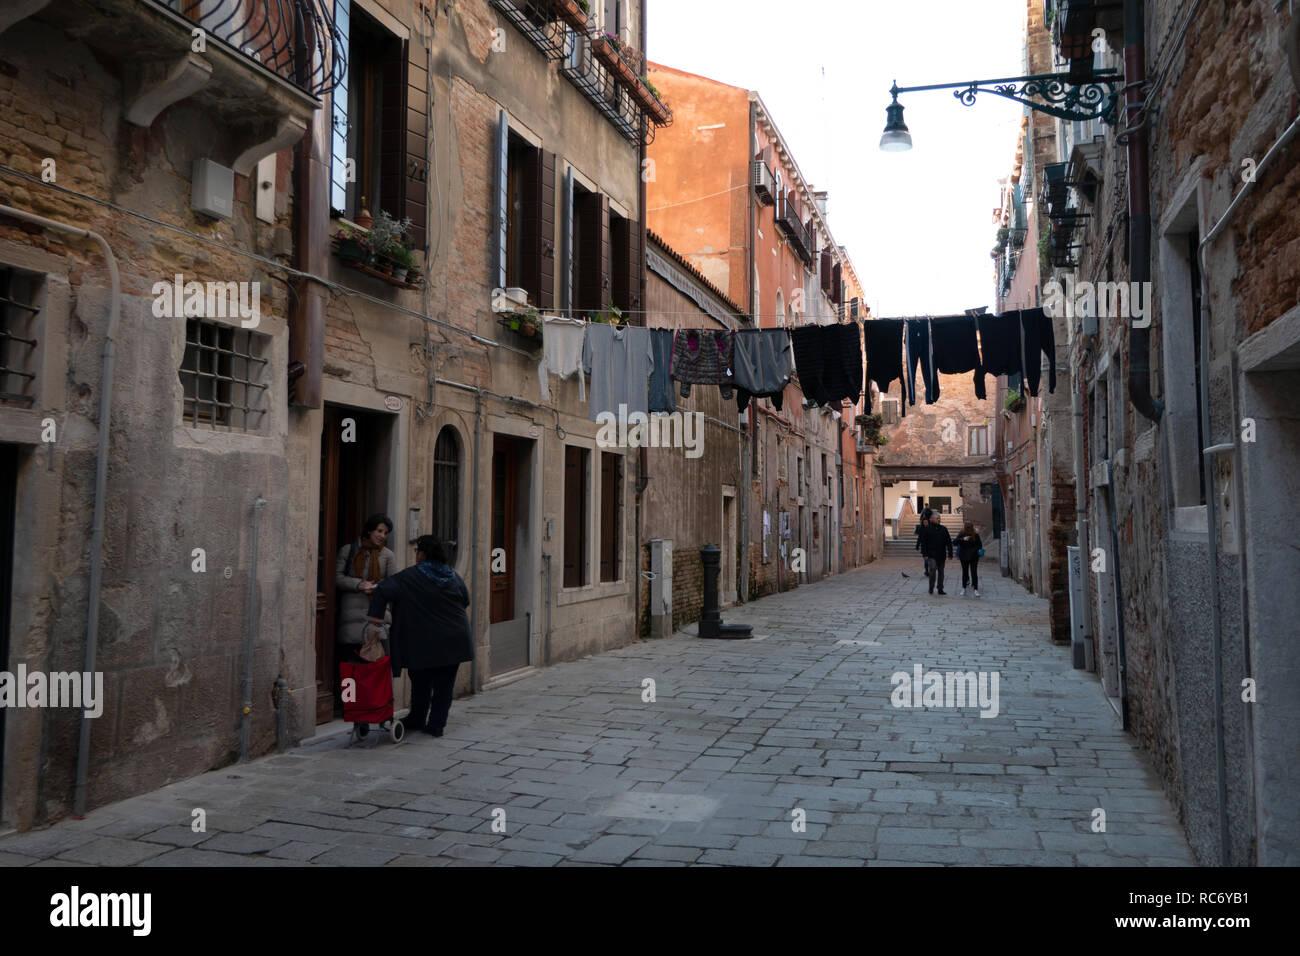 Anzeigen von Corte Nova in Venedig, Italien. Alltag in Venezia, Italia mit italienischen Frauen reden und alte Häuser Stockbild